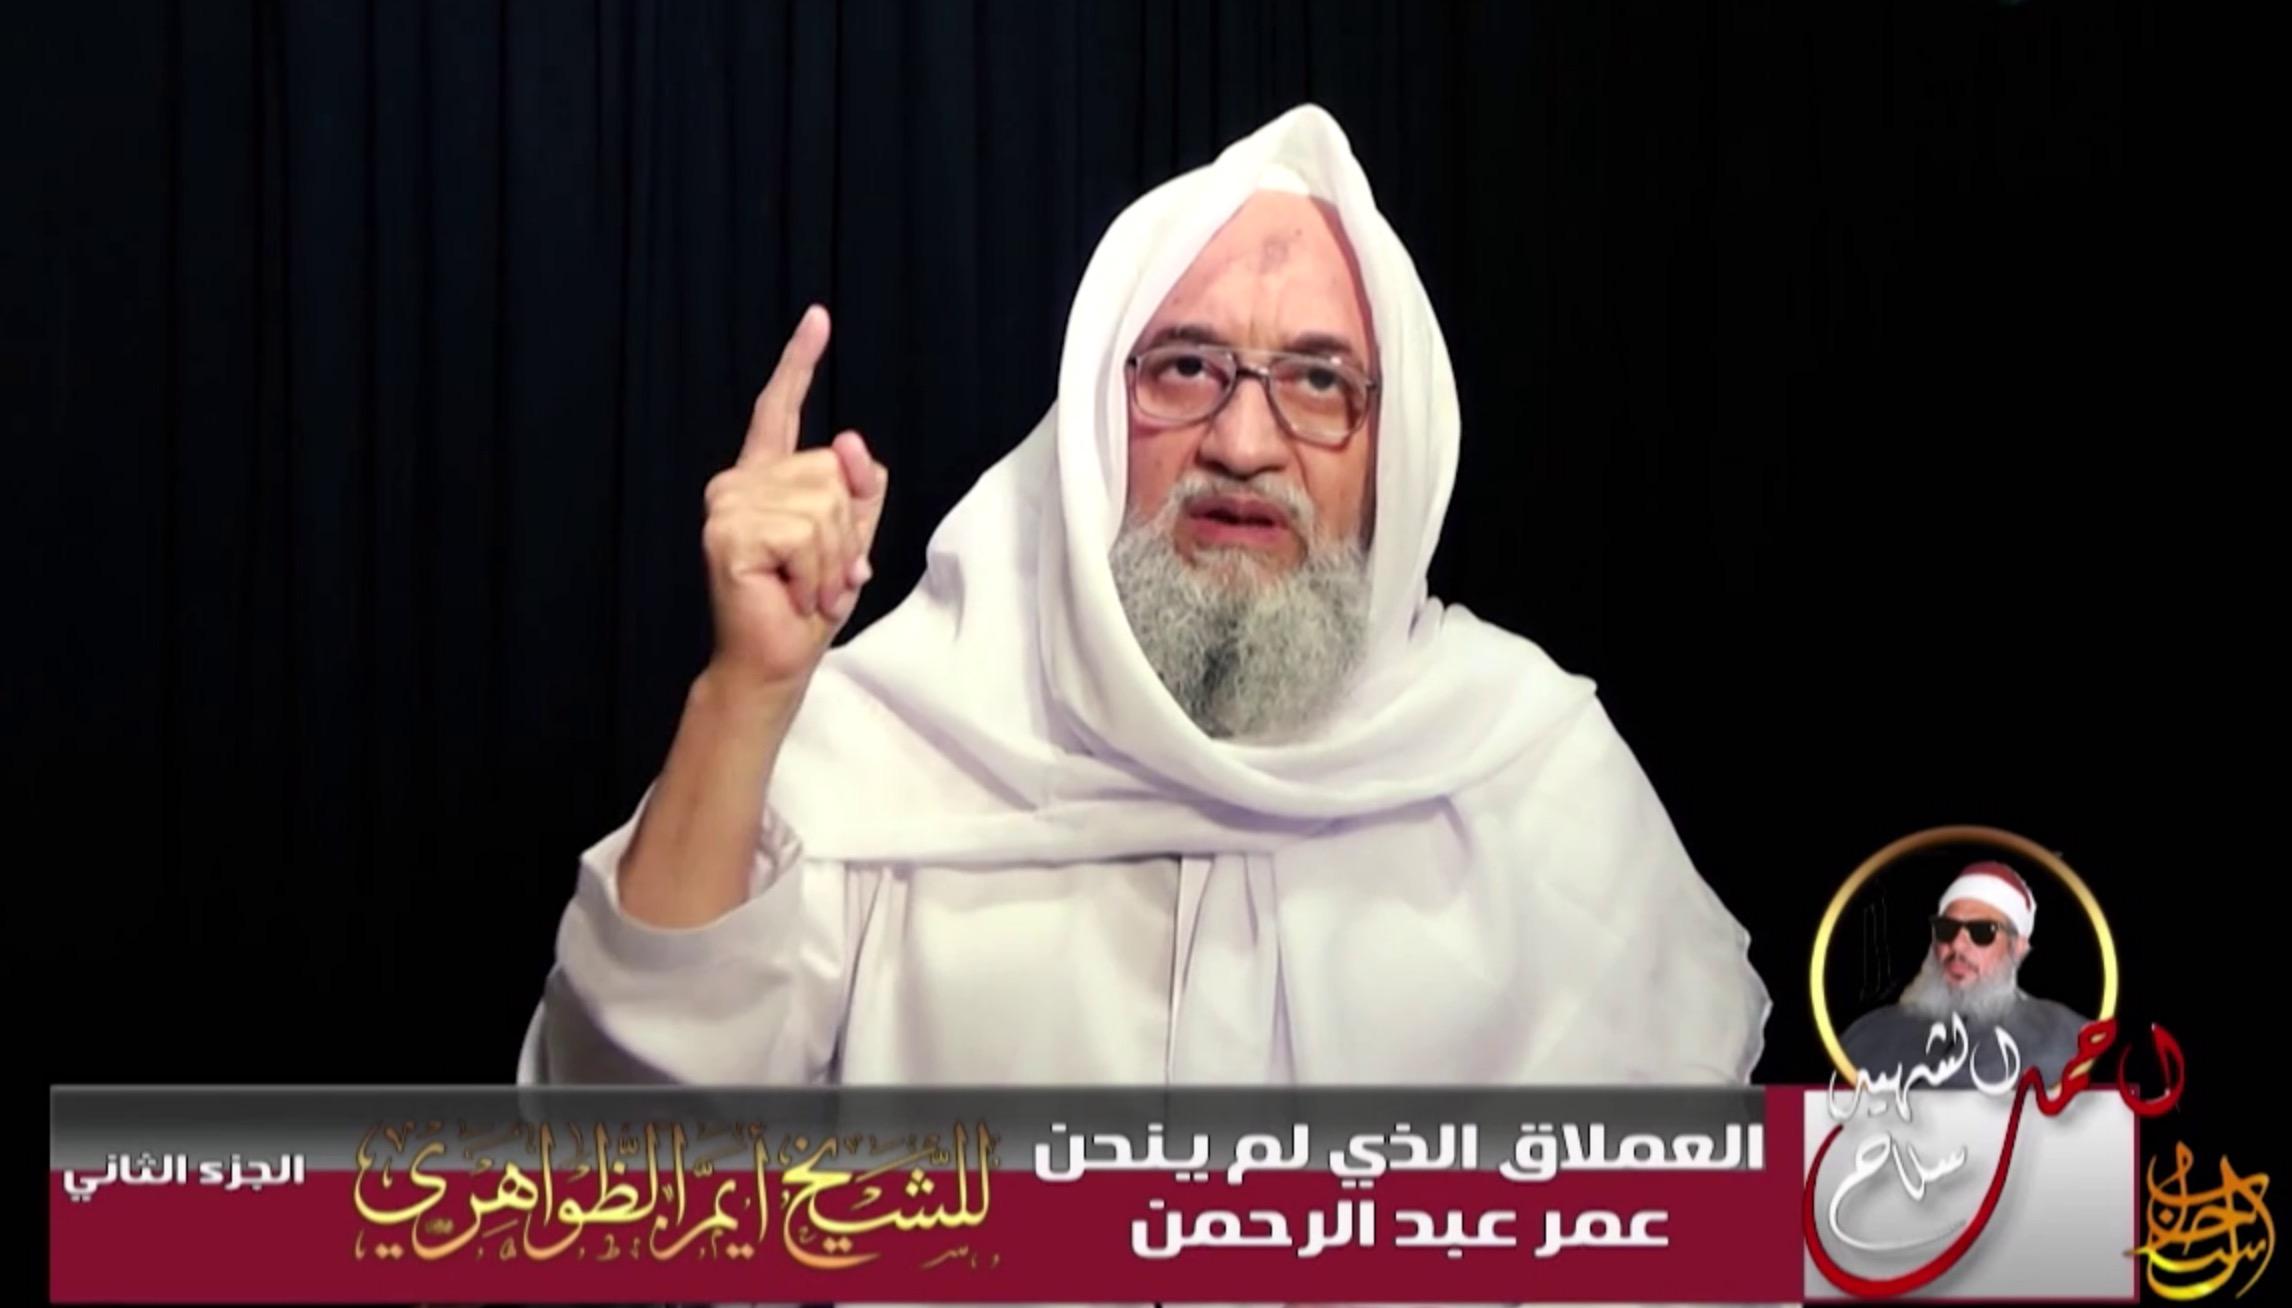 El Kaide lideri Zevahiri'den yeni video: Şeytani koalisyonu hedef alın